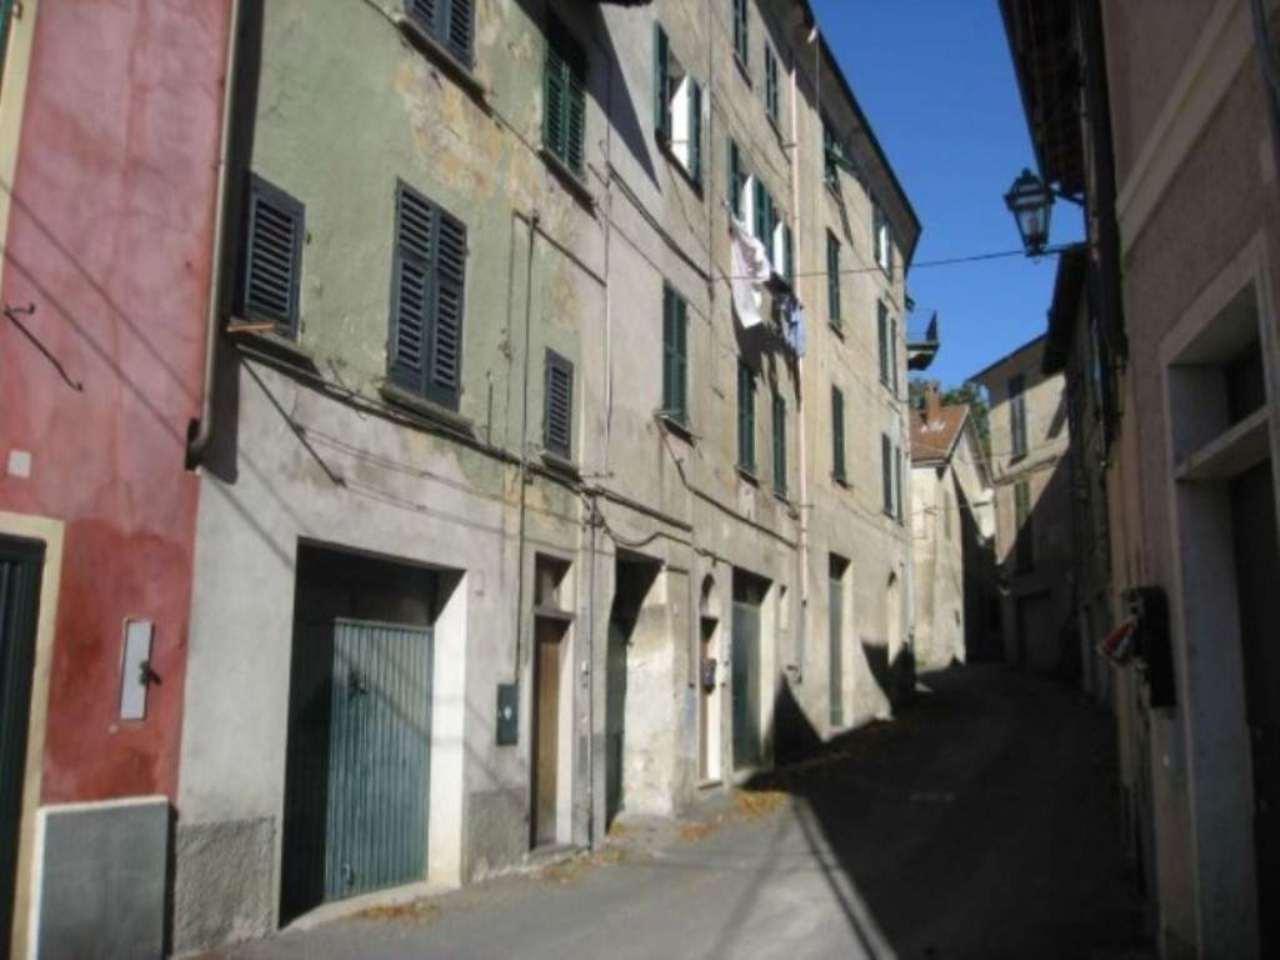 Appartamento in vendita a Voltaggio, 3 locali, prezzo € 45.000 | Cambio Casa.it